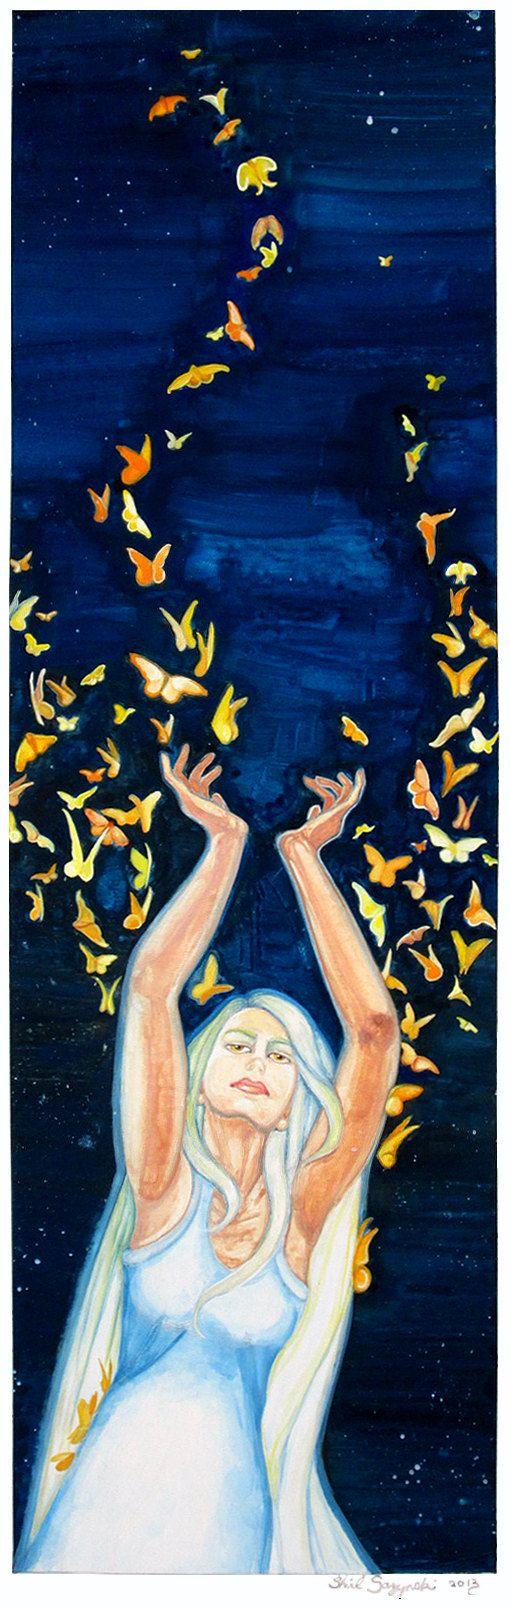 Loki's Wife Sigyn Releasing Butterflies by ArtofShirlSazynski, $15.00